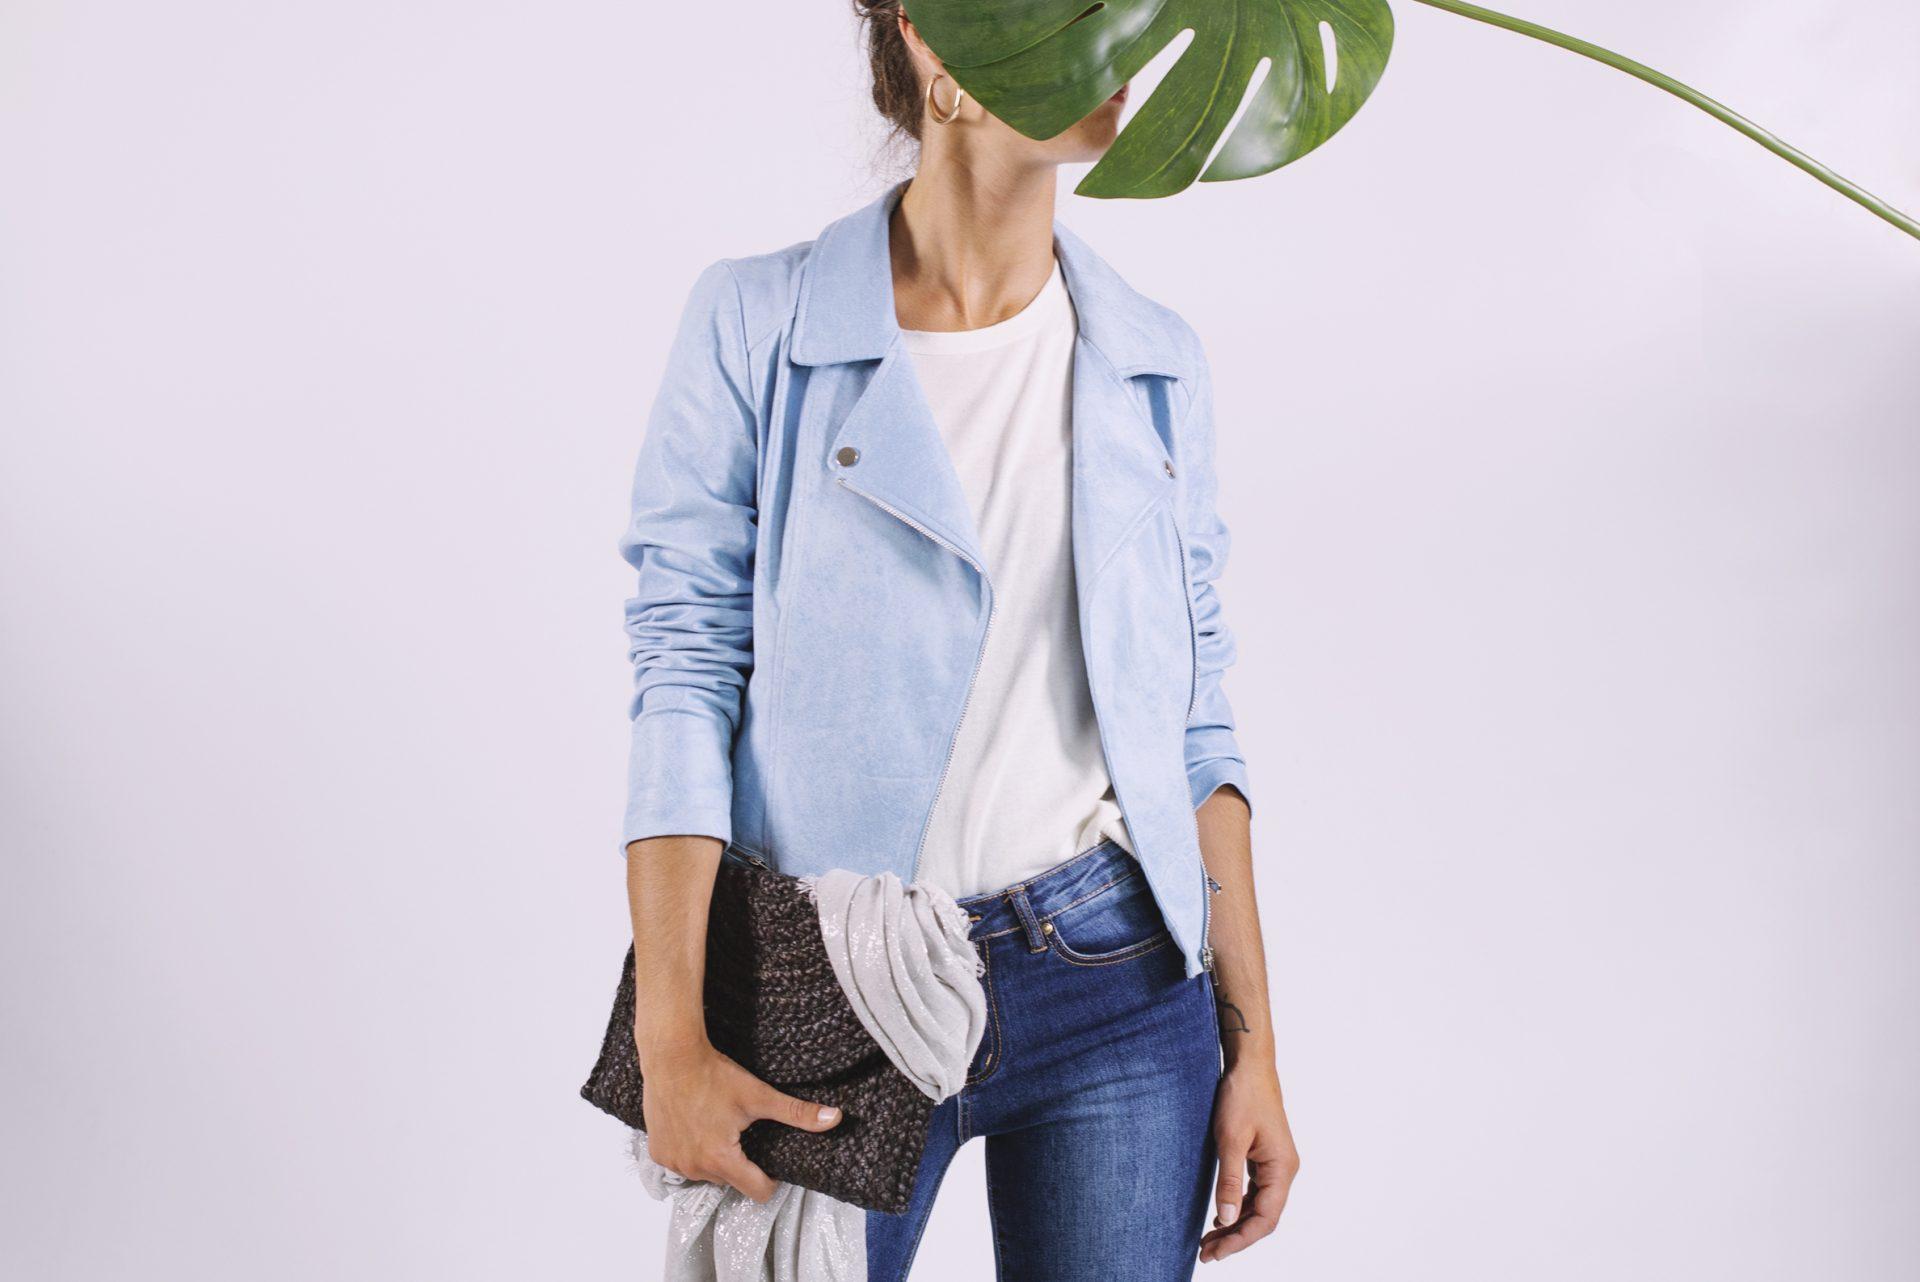 Baqueros y camiseta blanca con chupa azul y un bolso oscuro